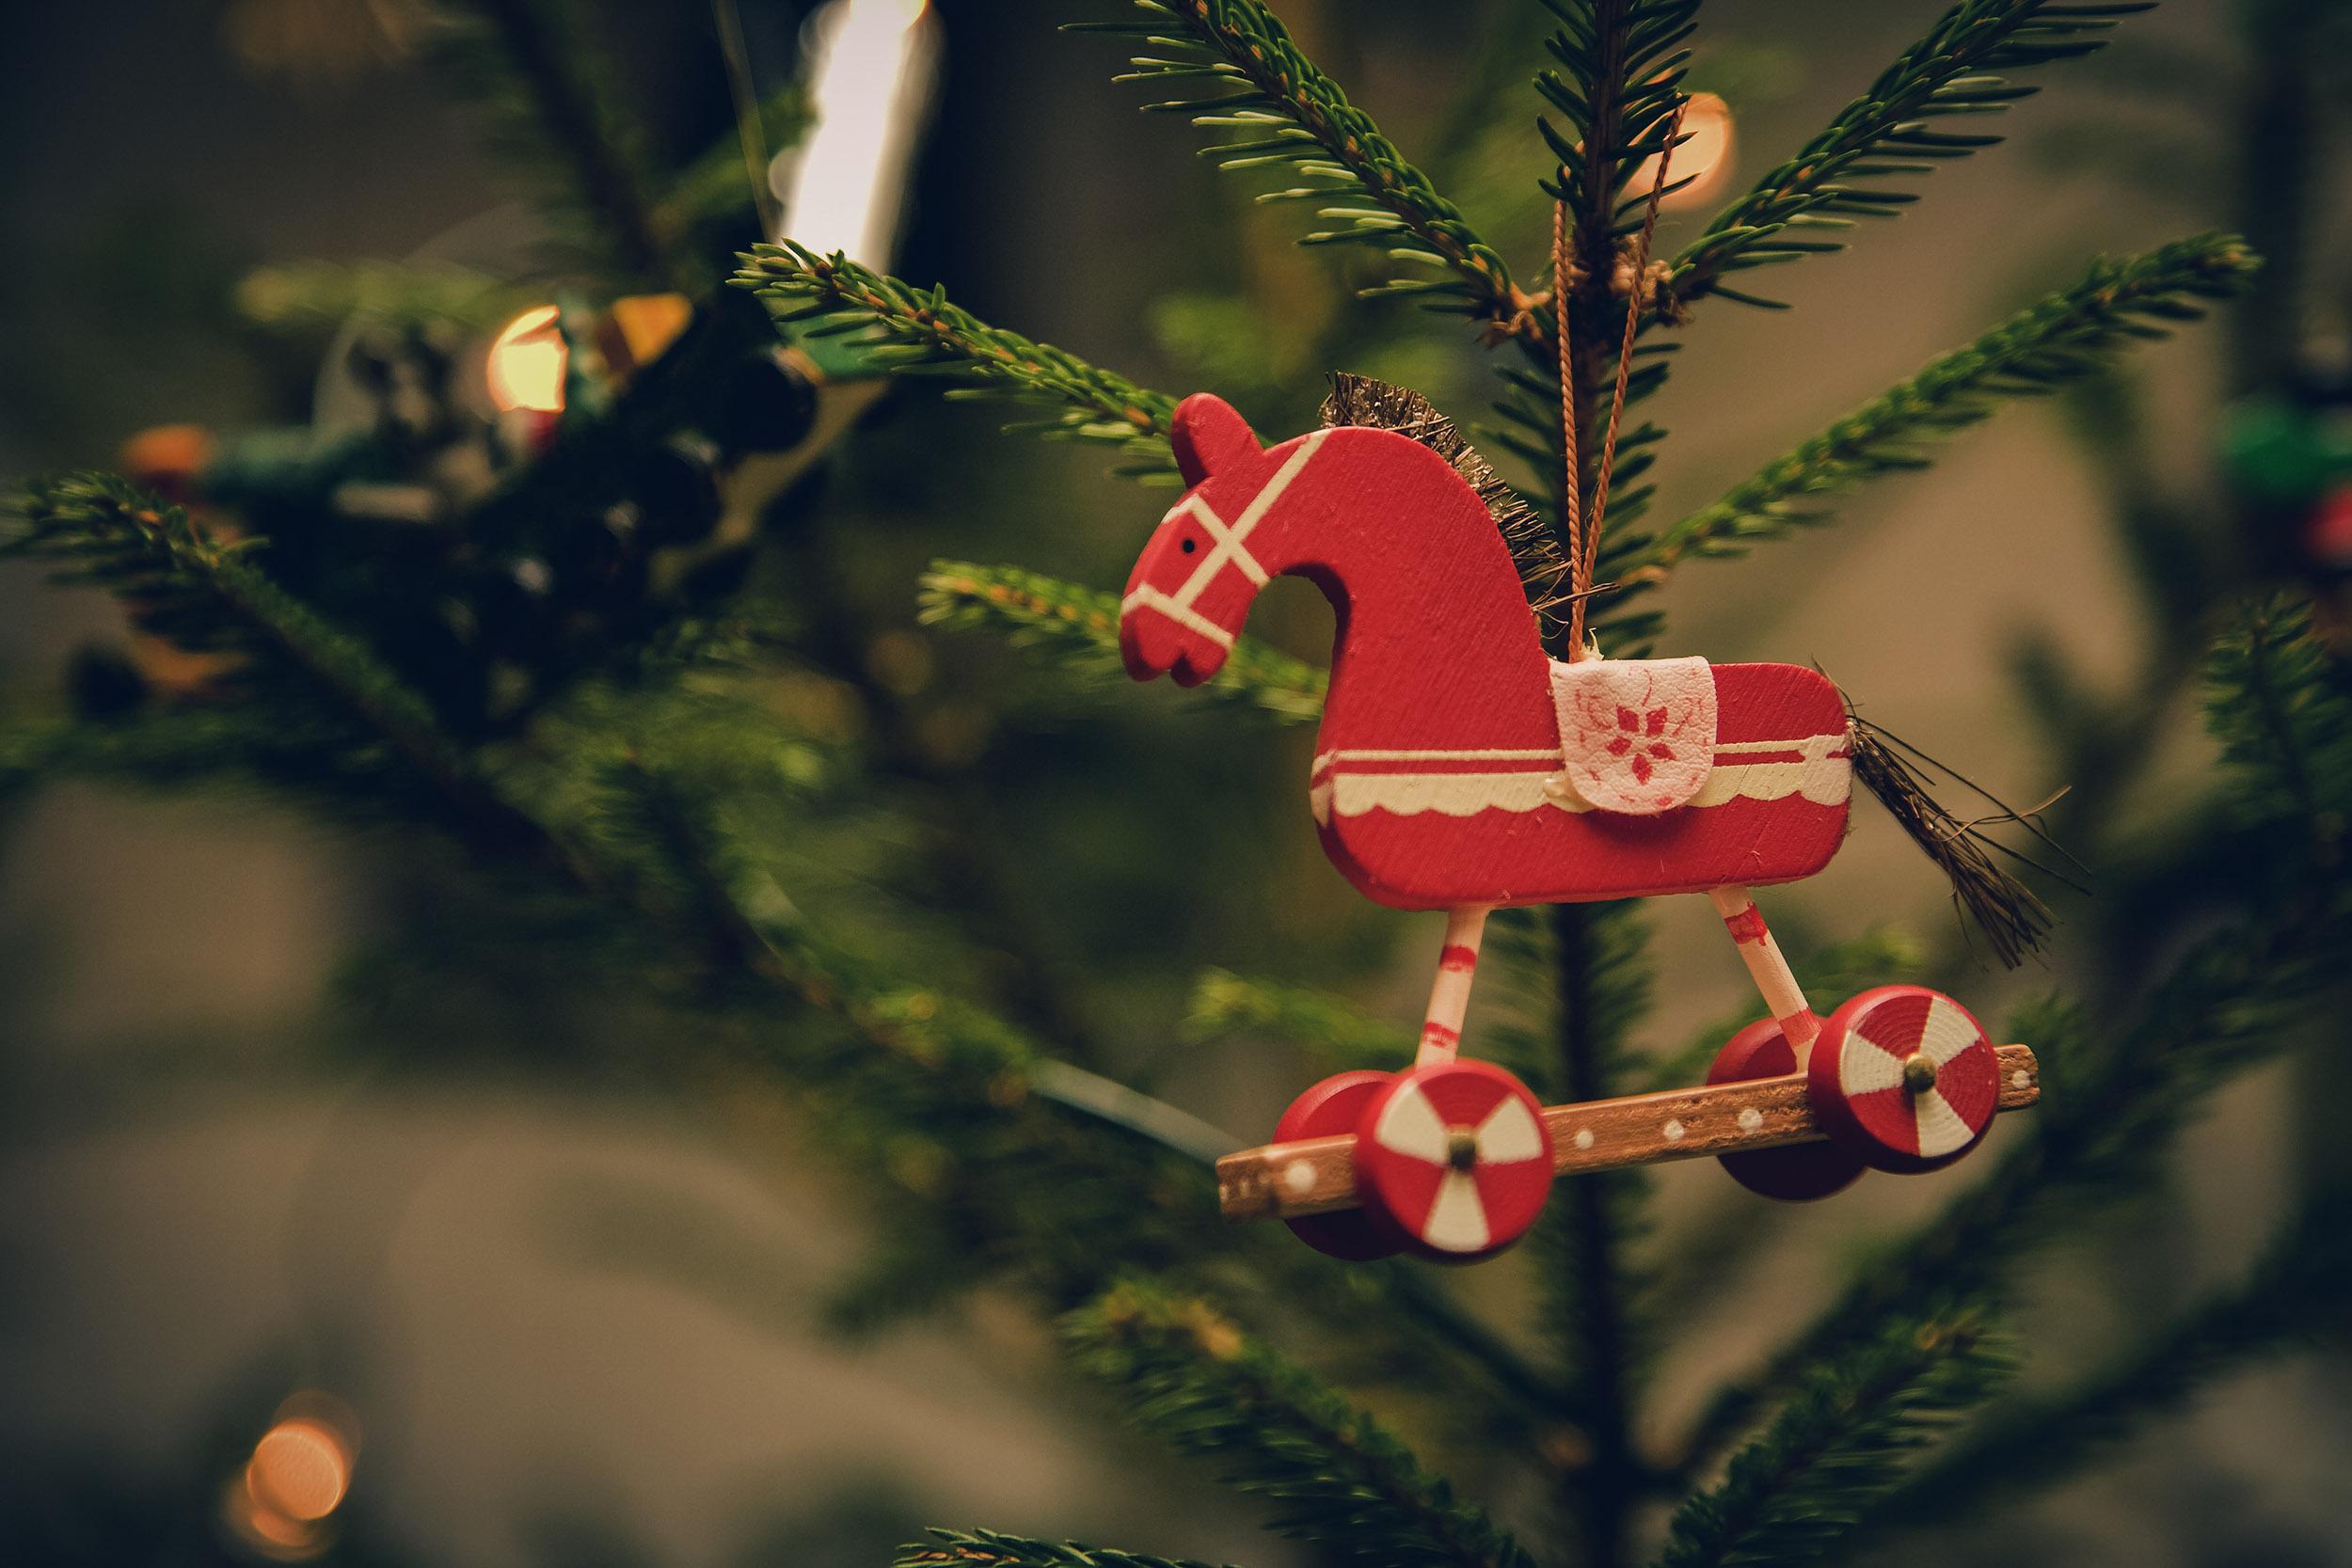 Fotografiar detalles del árbol de Navidad